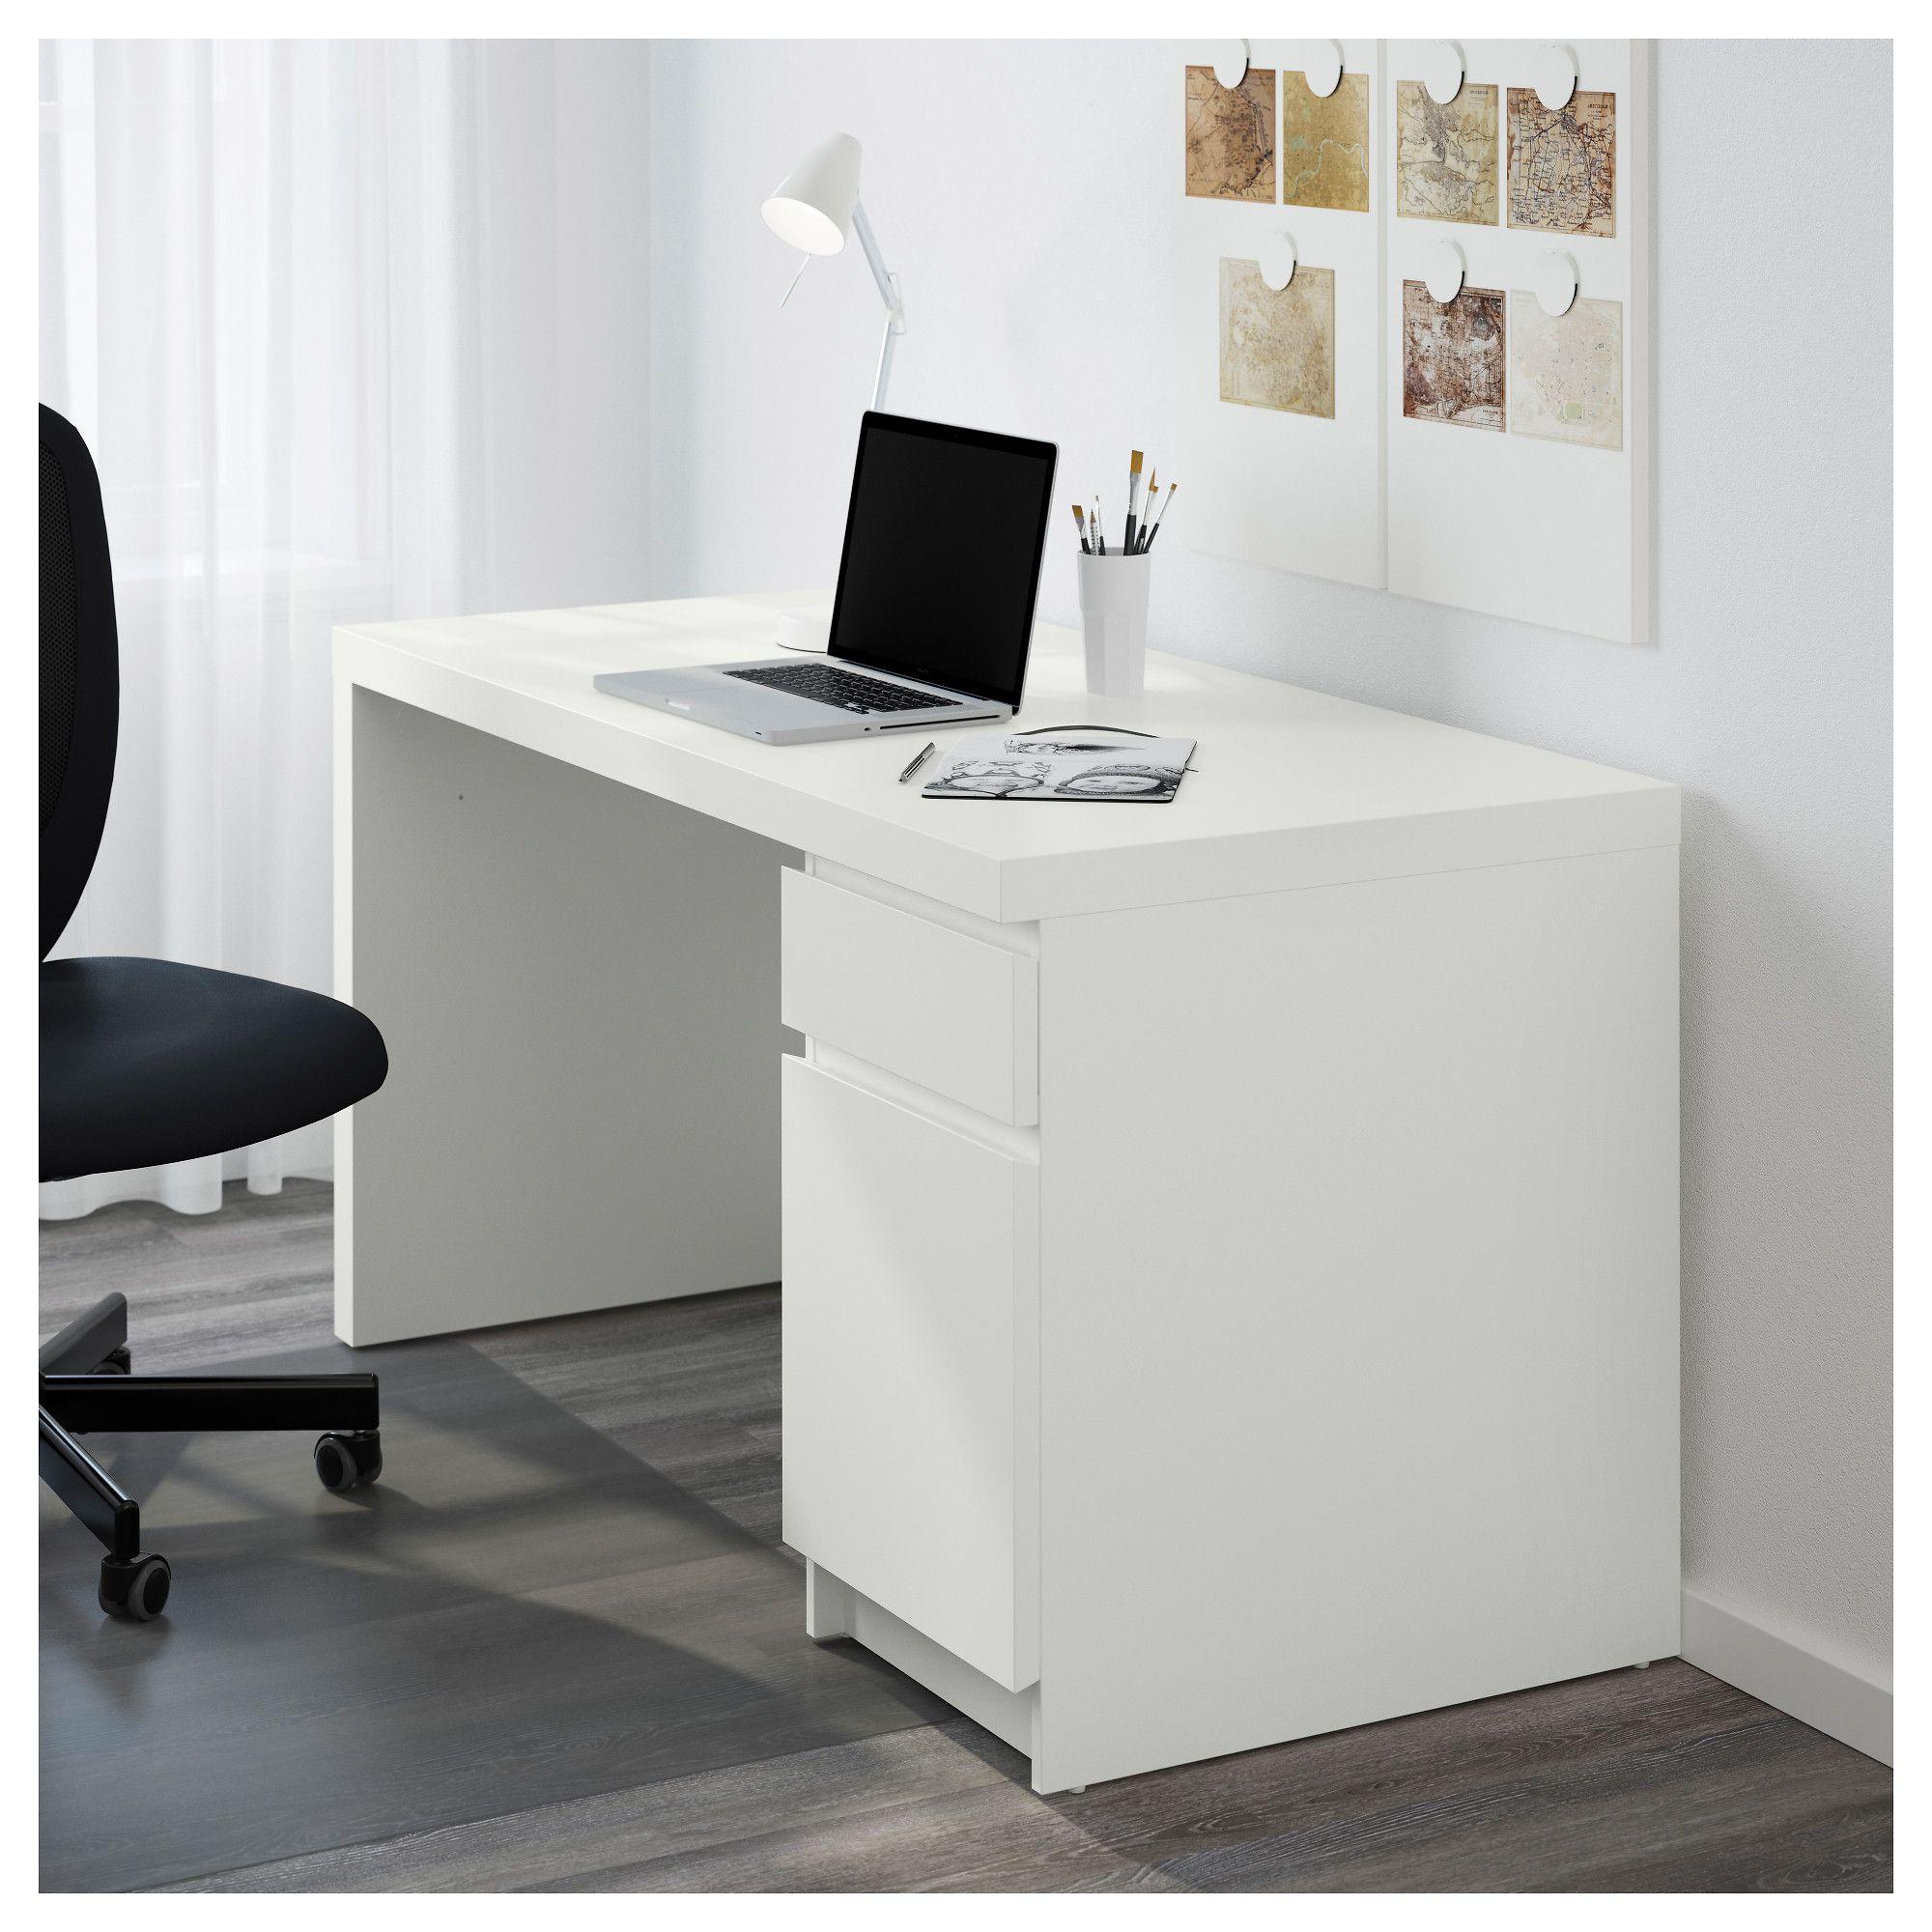 MALM Desk white in 2018  Products  Desk Ikea Malm